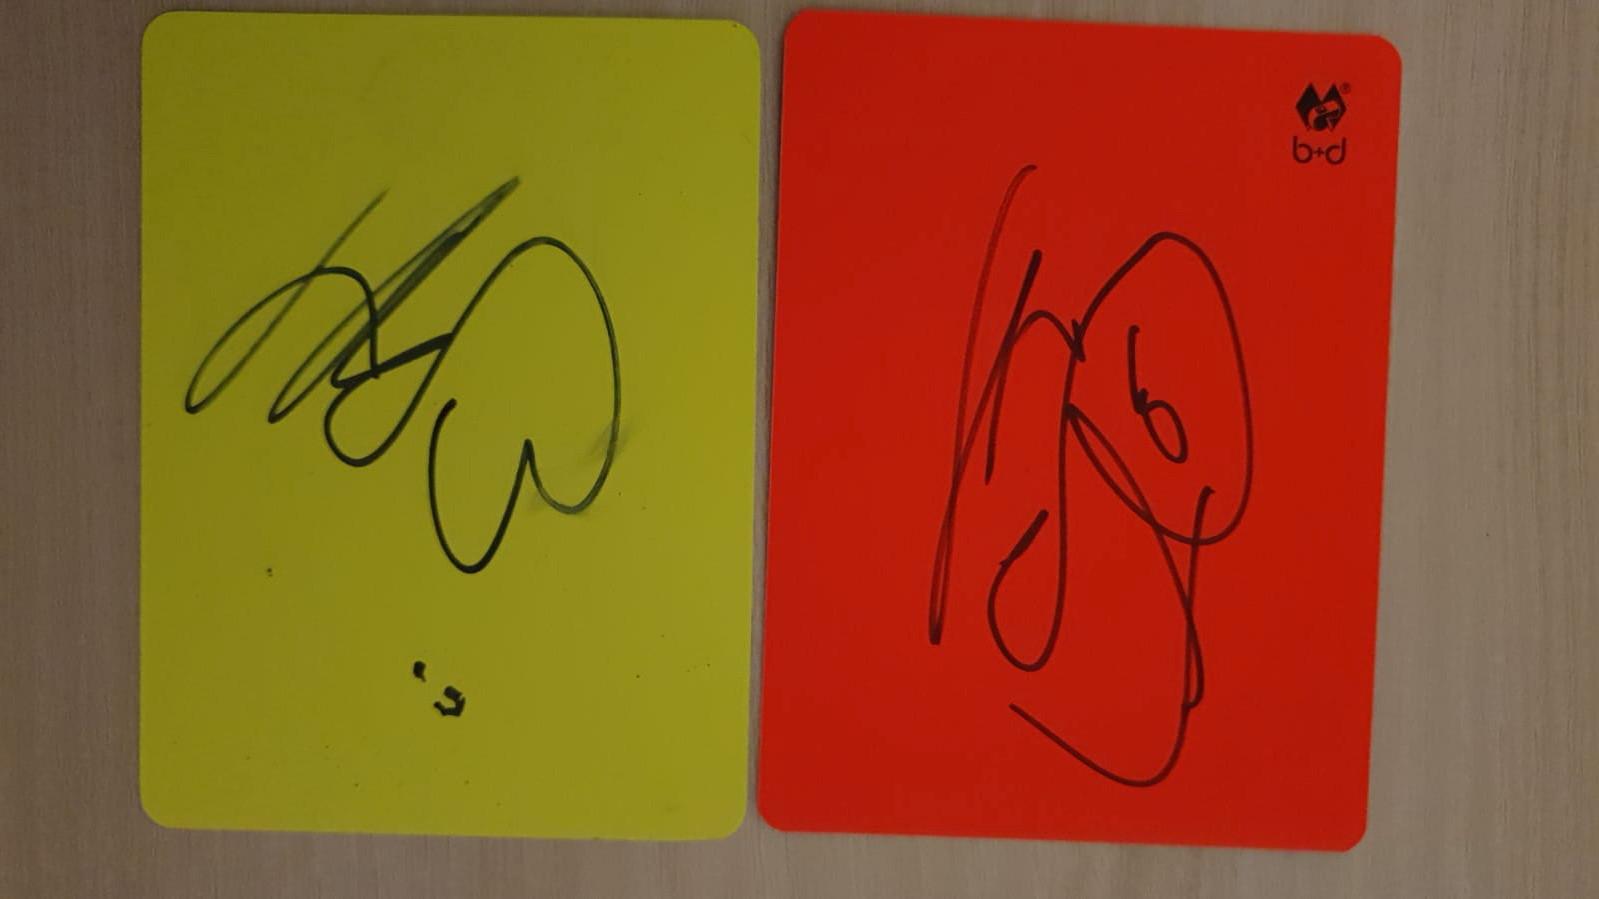 Octavian Sovre's gele en rode kaarten, gesigneerd door Erling Haaland.